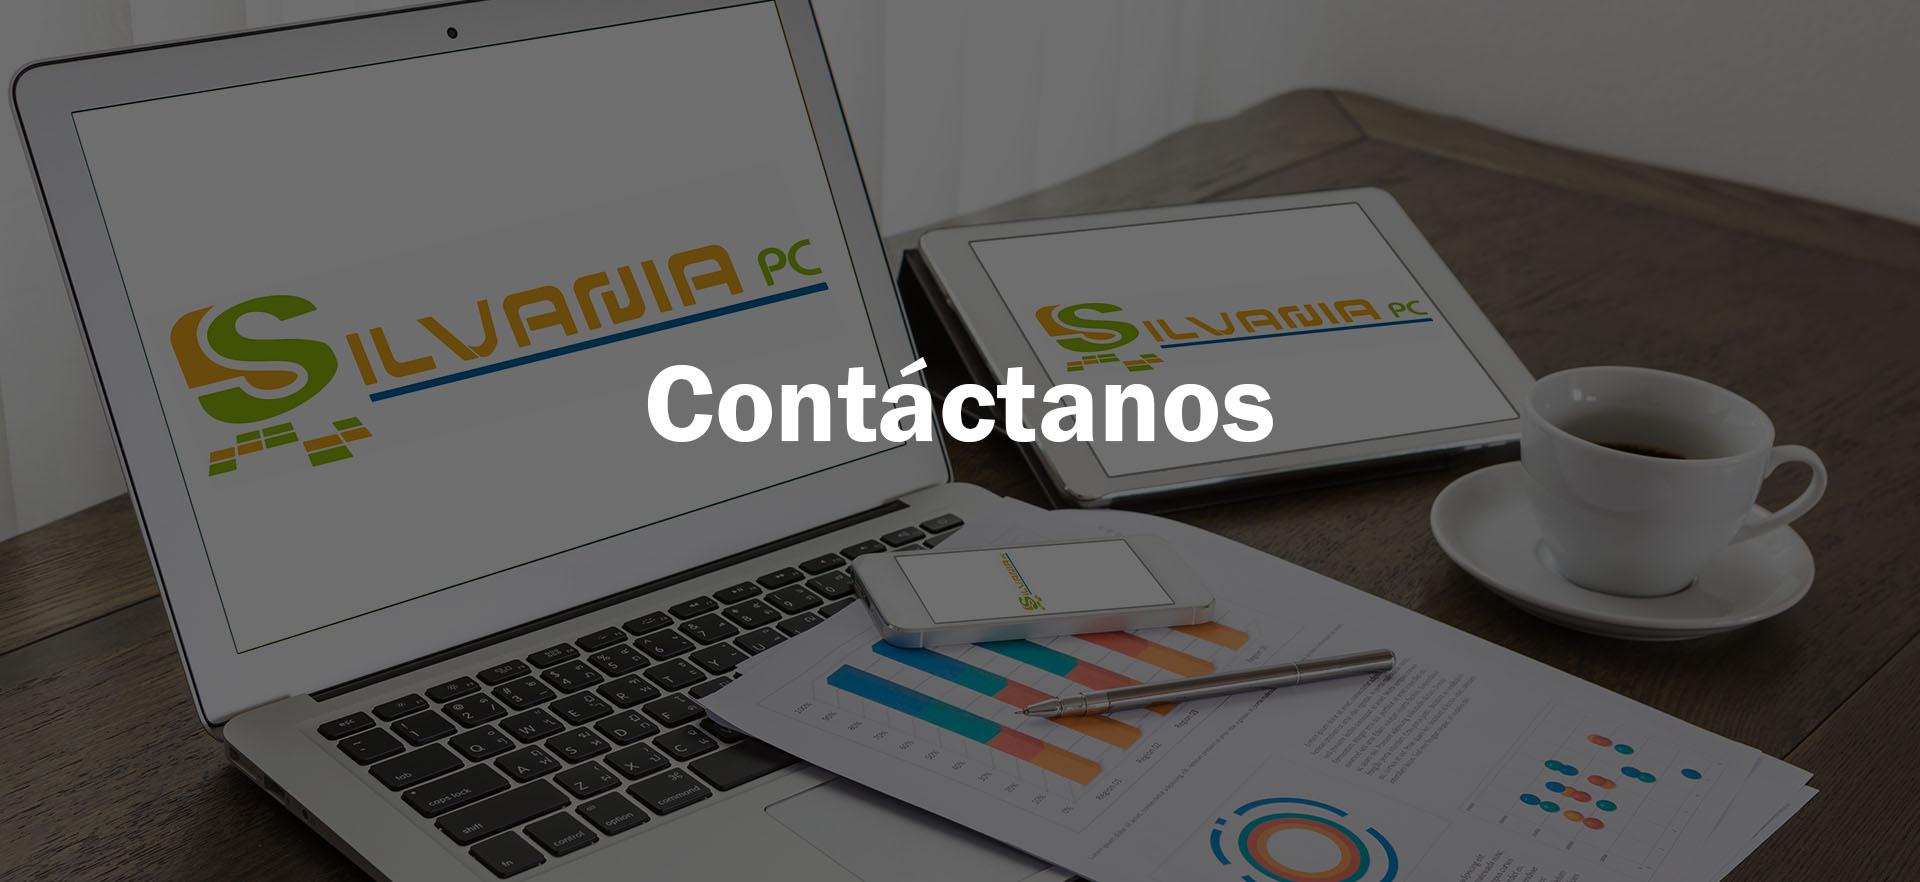 Contactar con SilvaniaPc